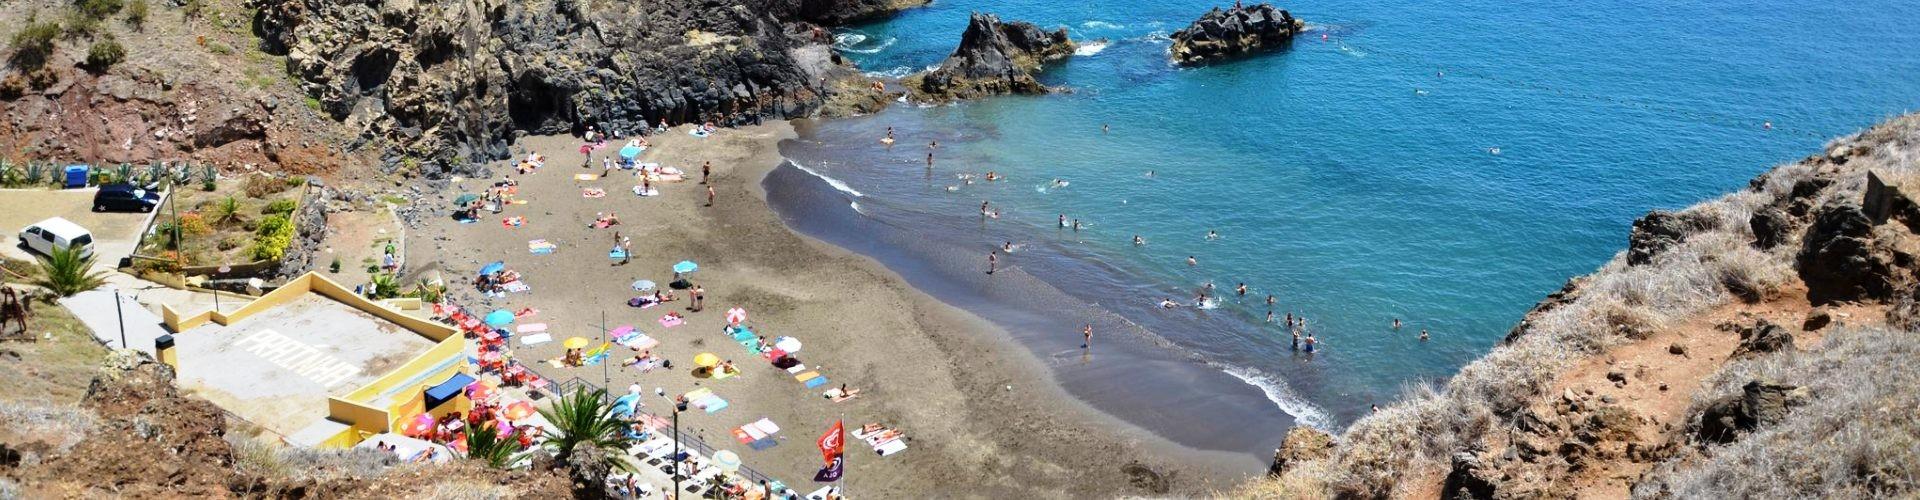 Prainha Beach, Caniçal, Madeira Island